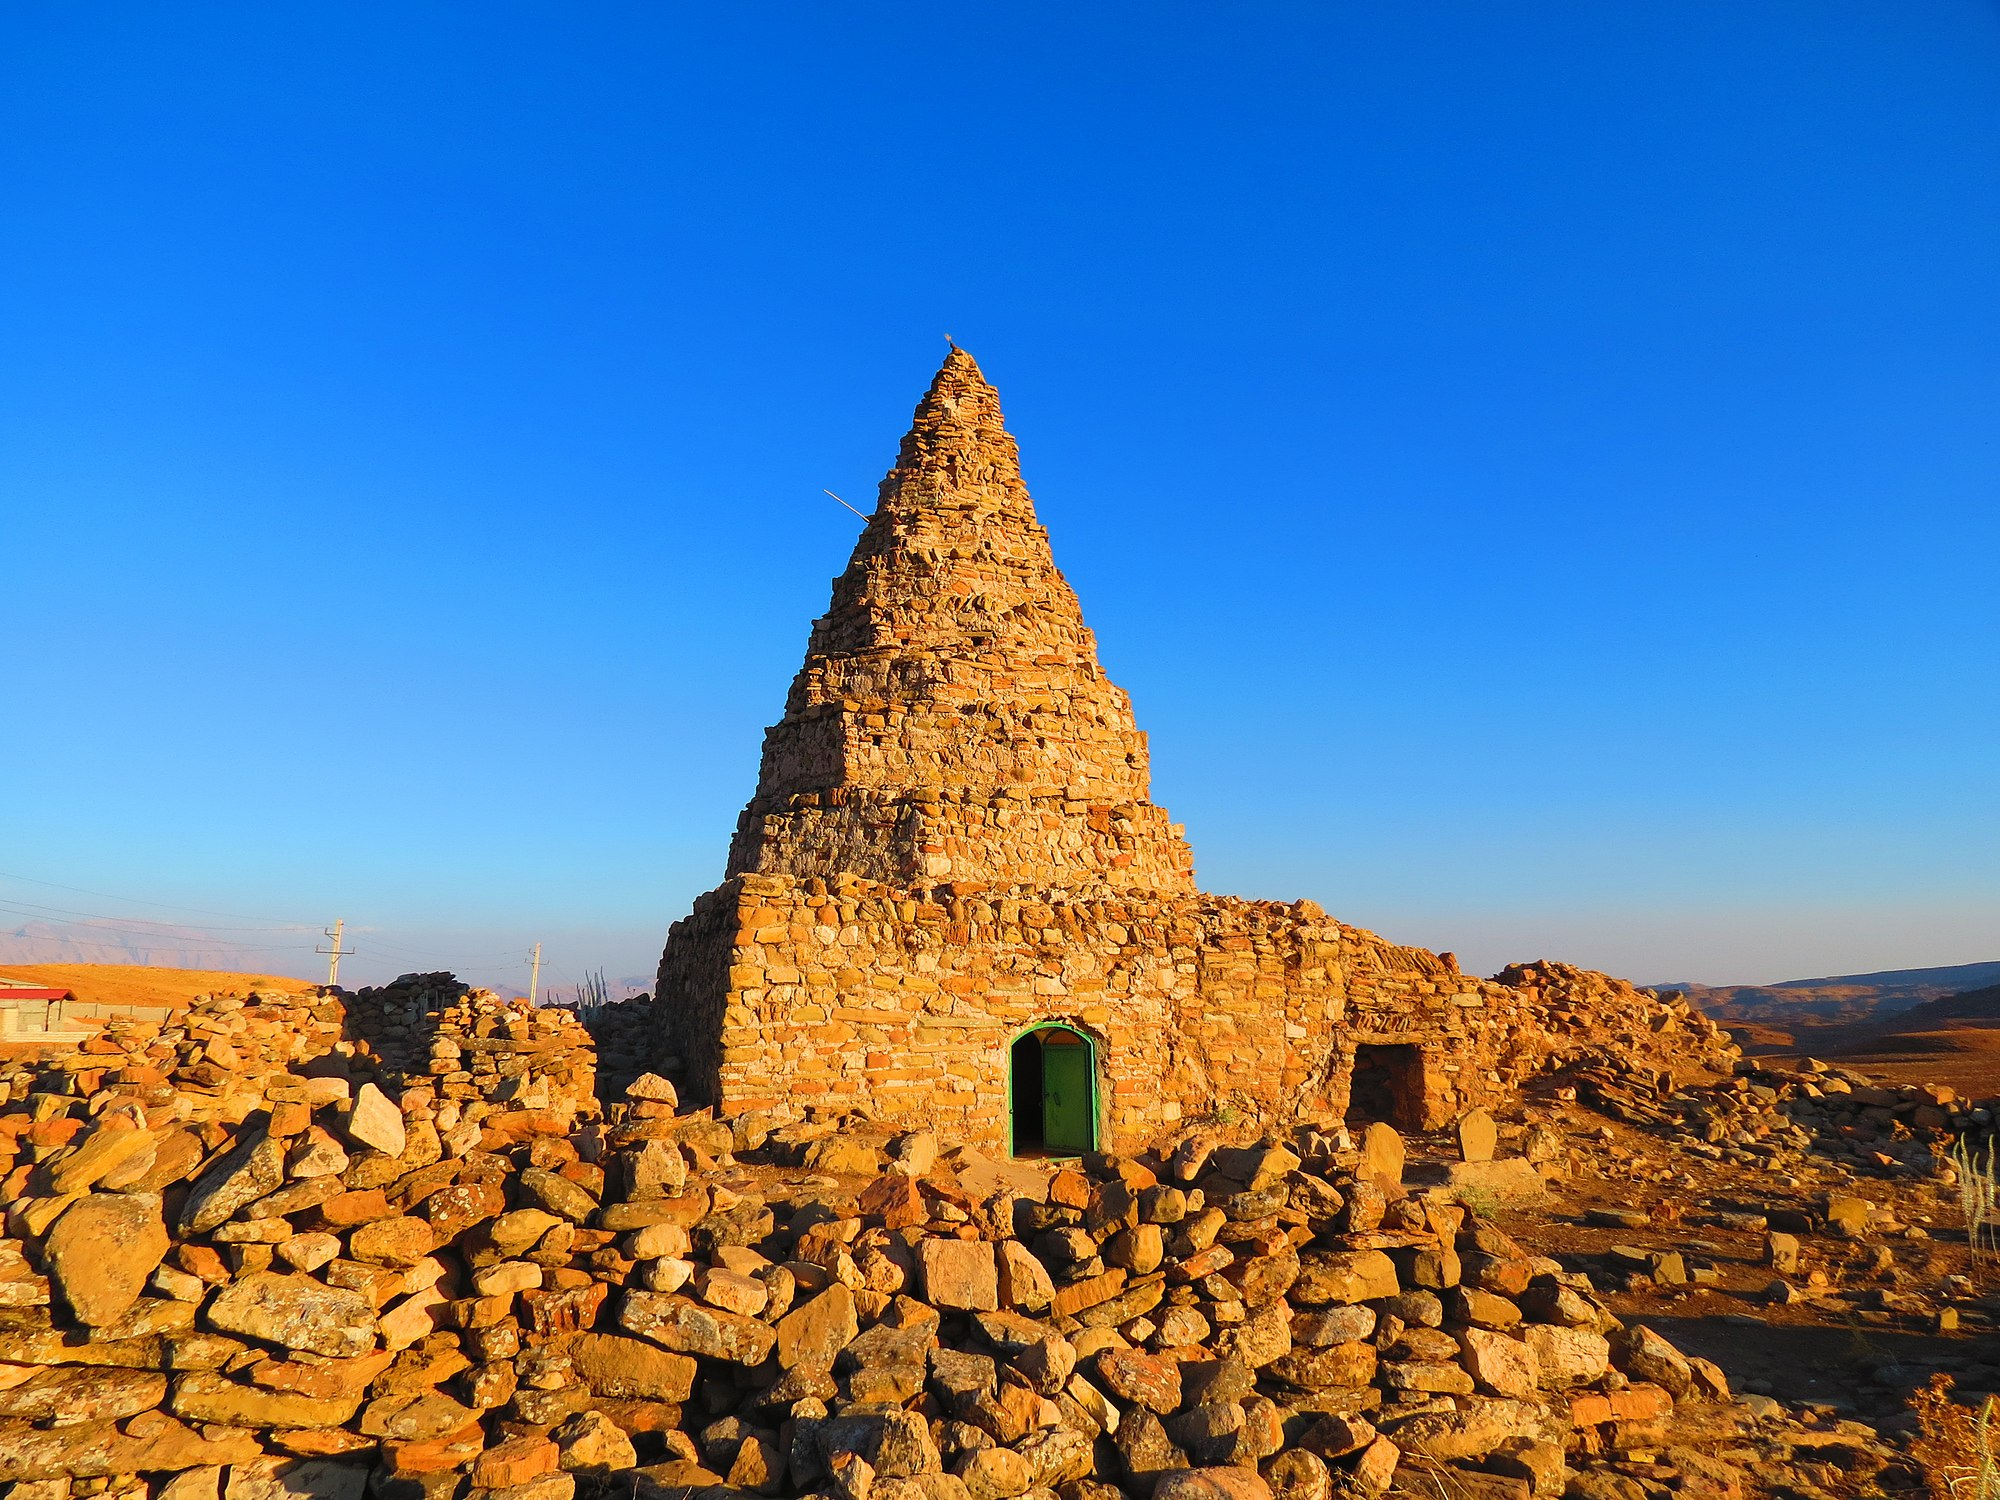 آرامگاه و قبرستان محمود علی